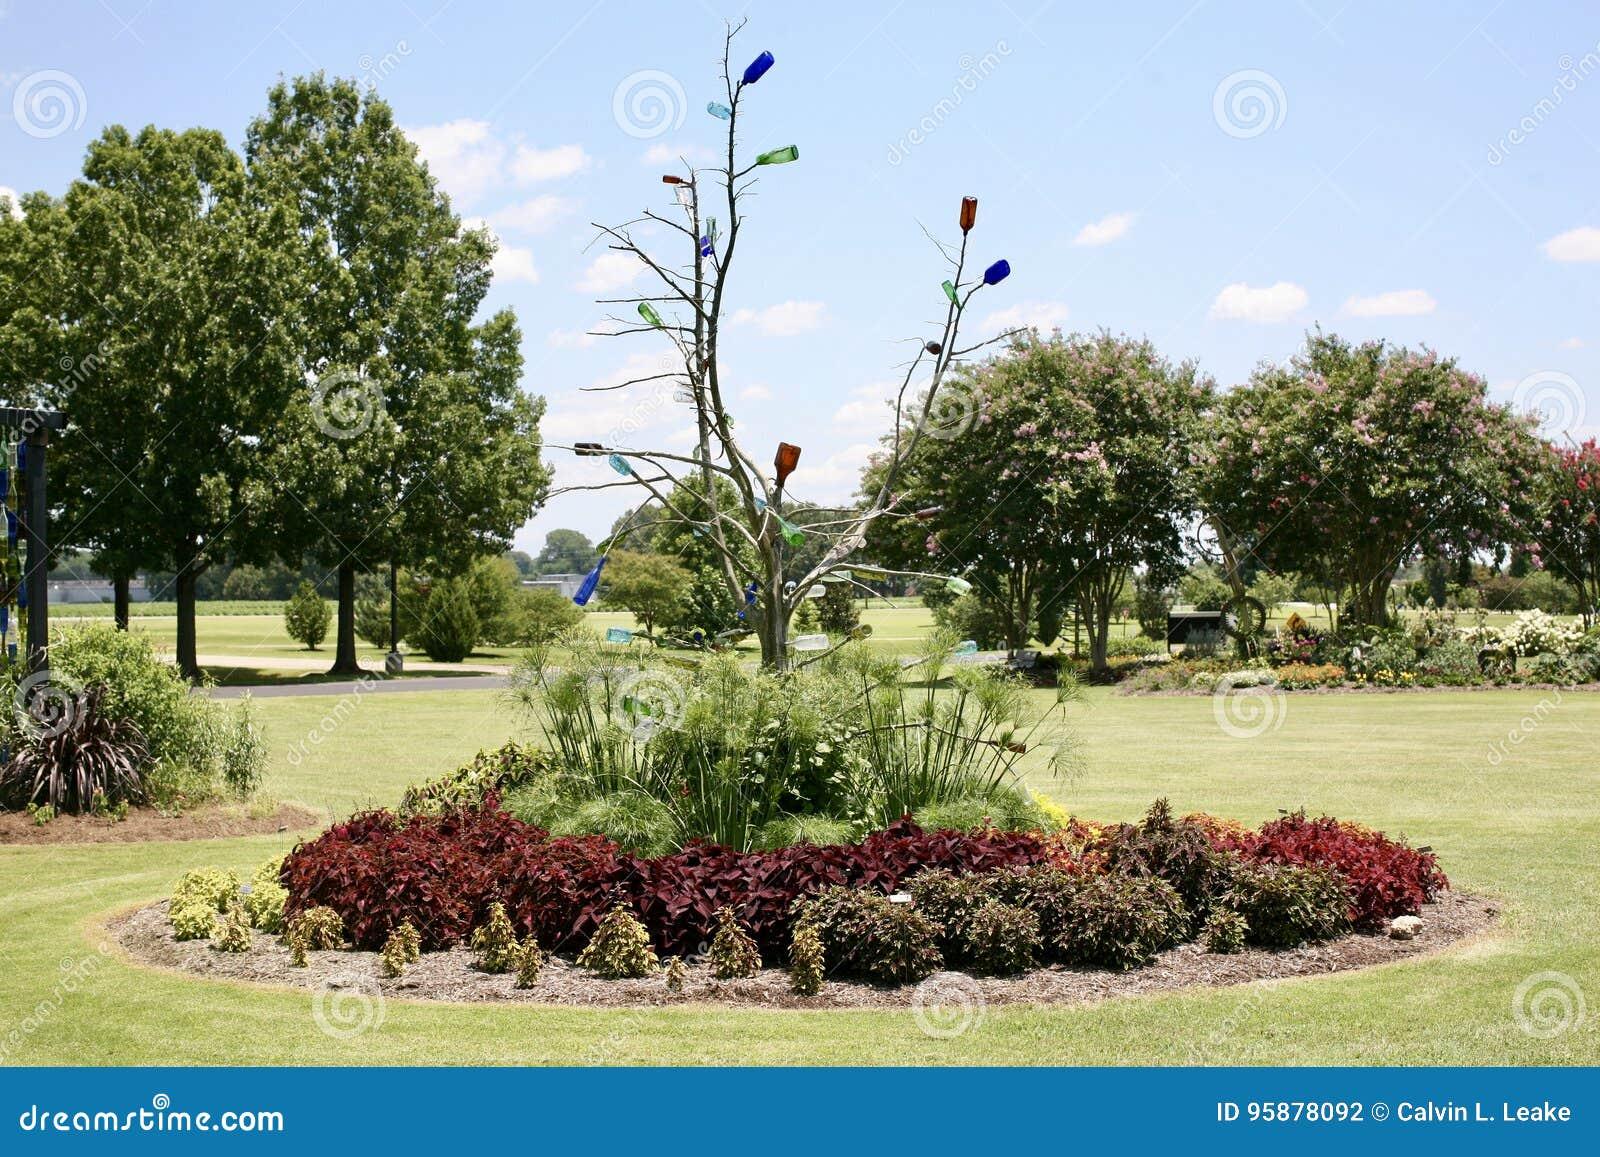 树和瓶艺术显示在西方田纳西农业研究中心